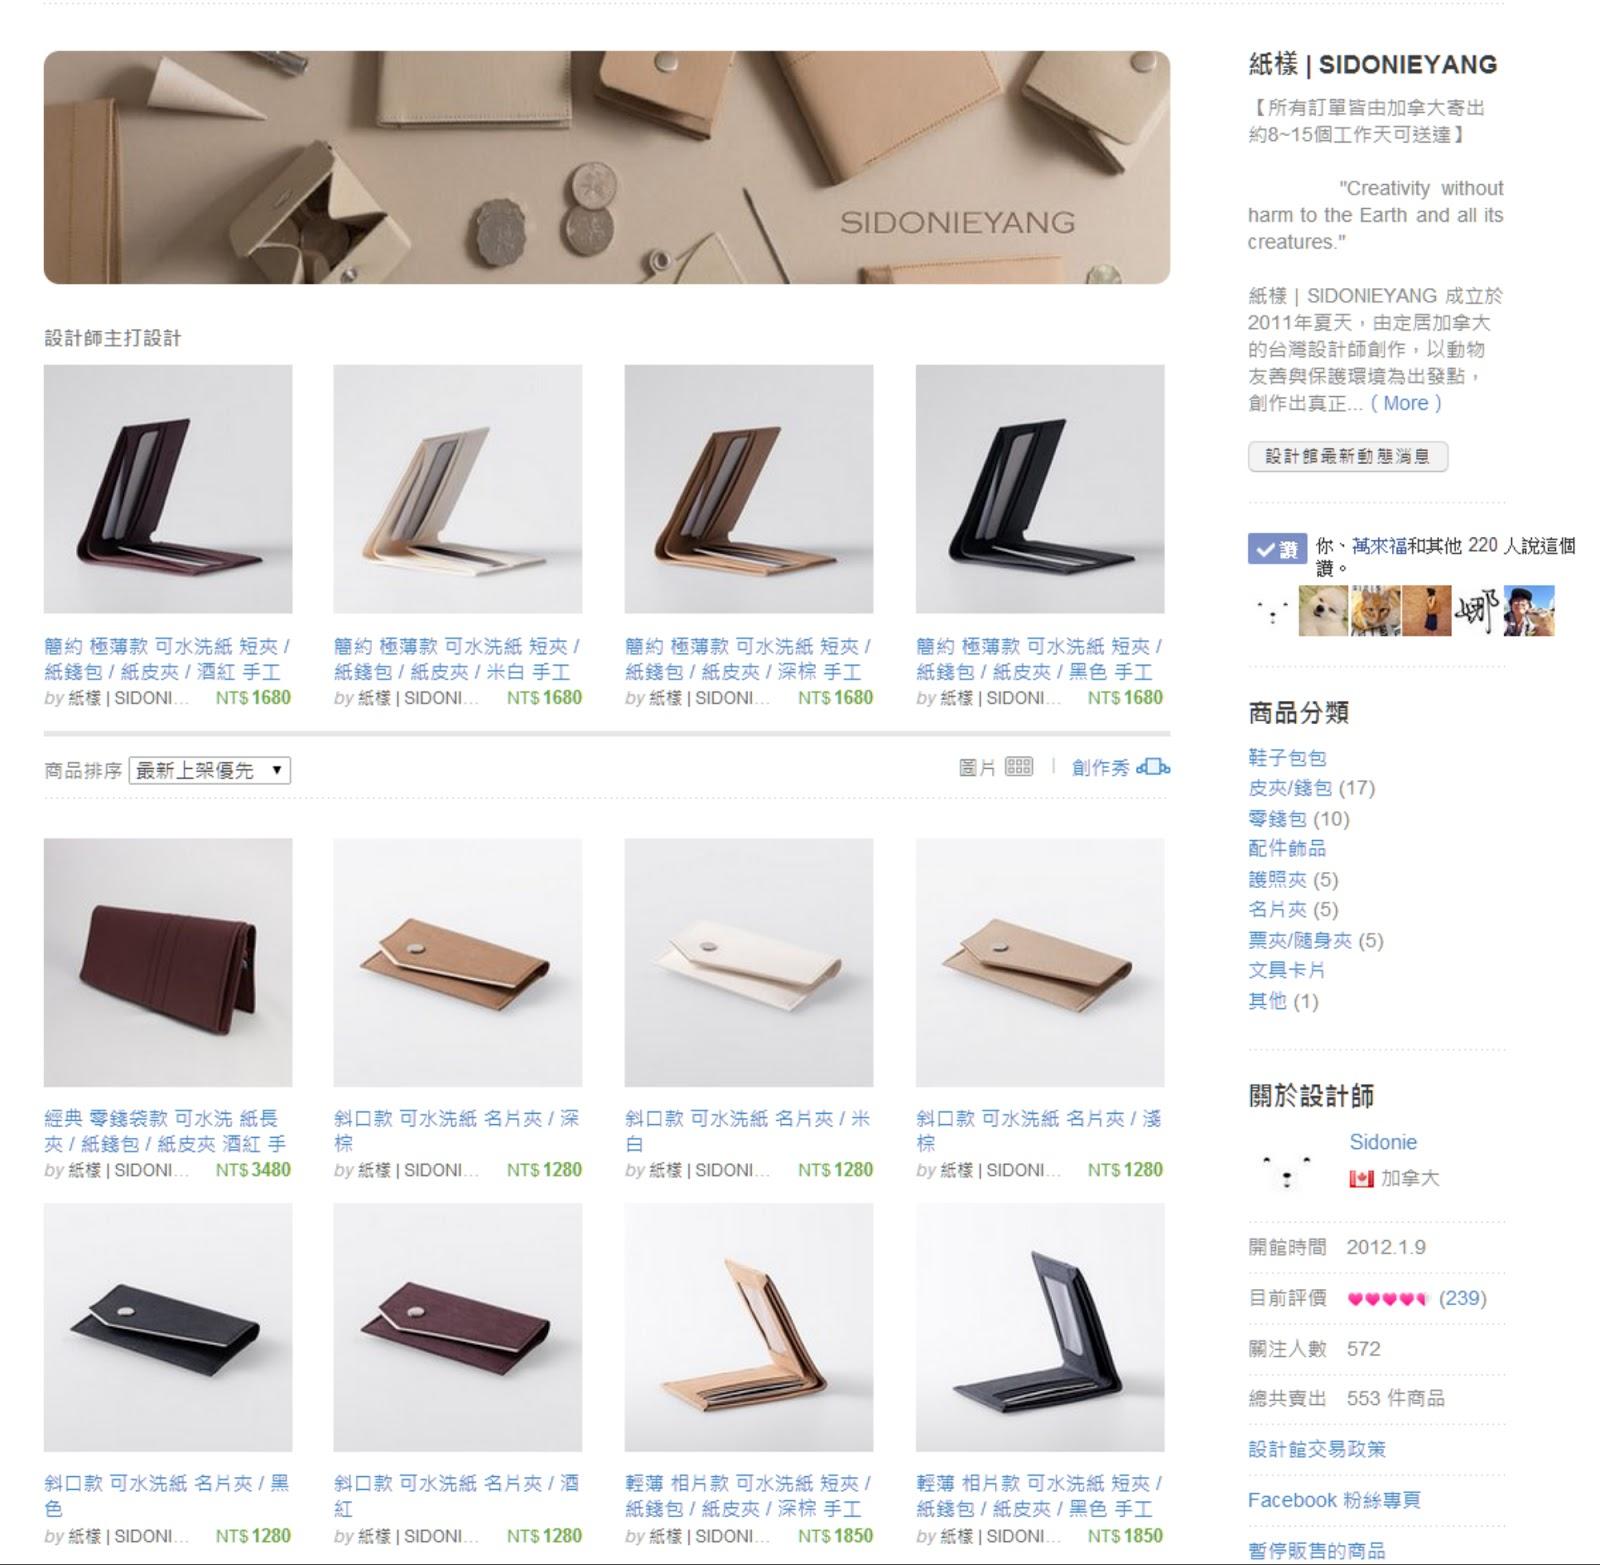 紙樣手創設計在Pinkoi 的網路商店截圖於 2014/06/13